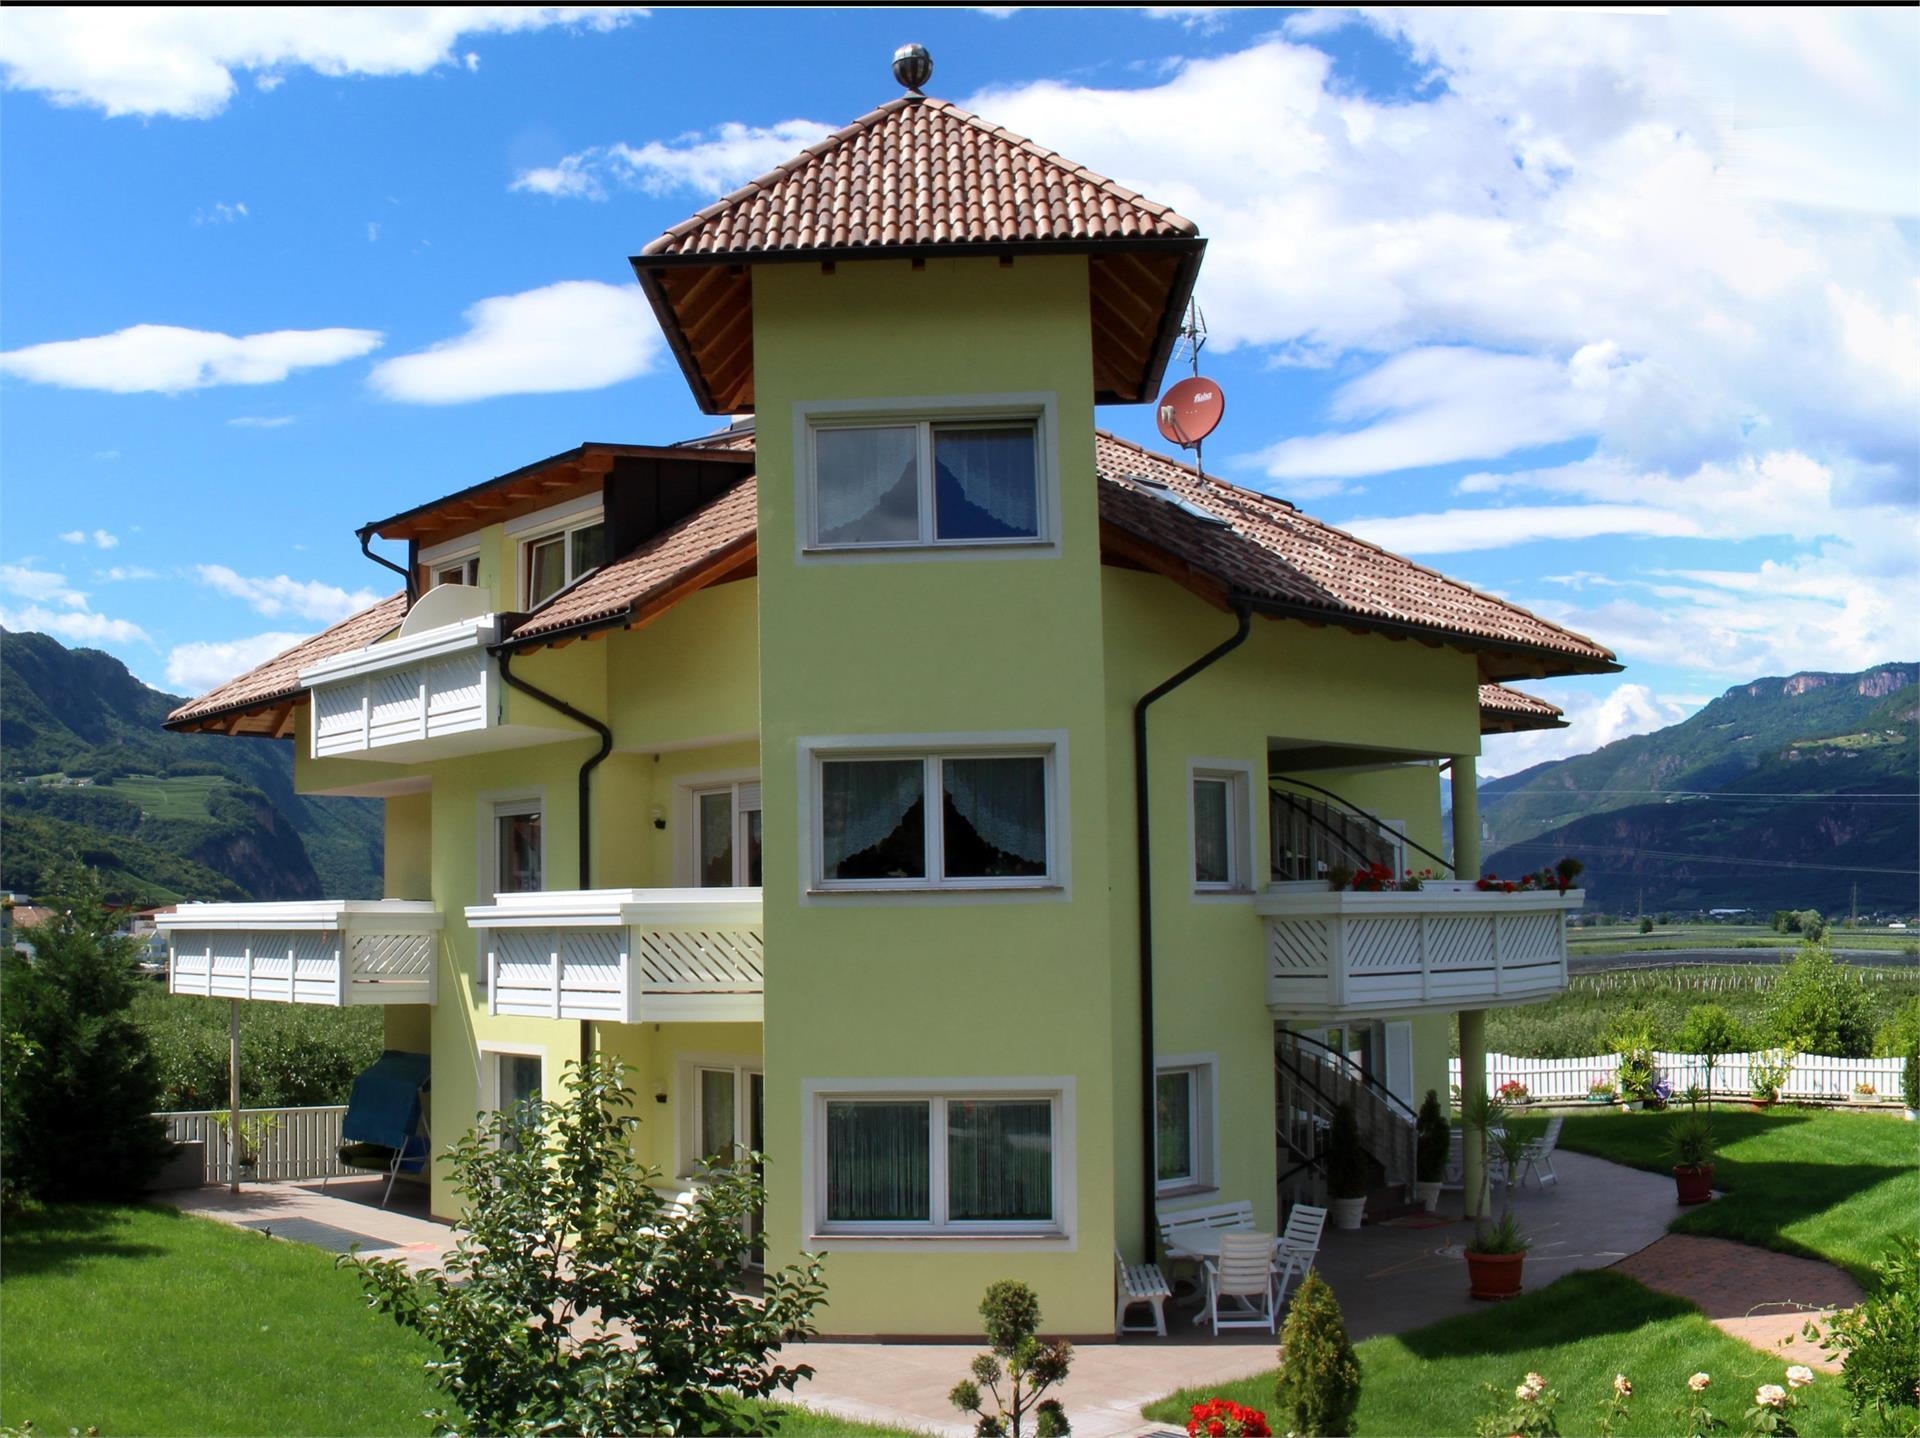 Martinshof - Weger Konrad